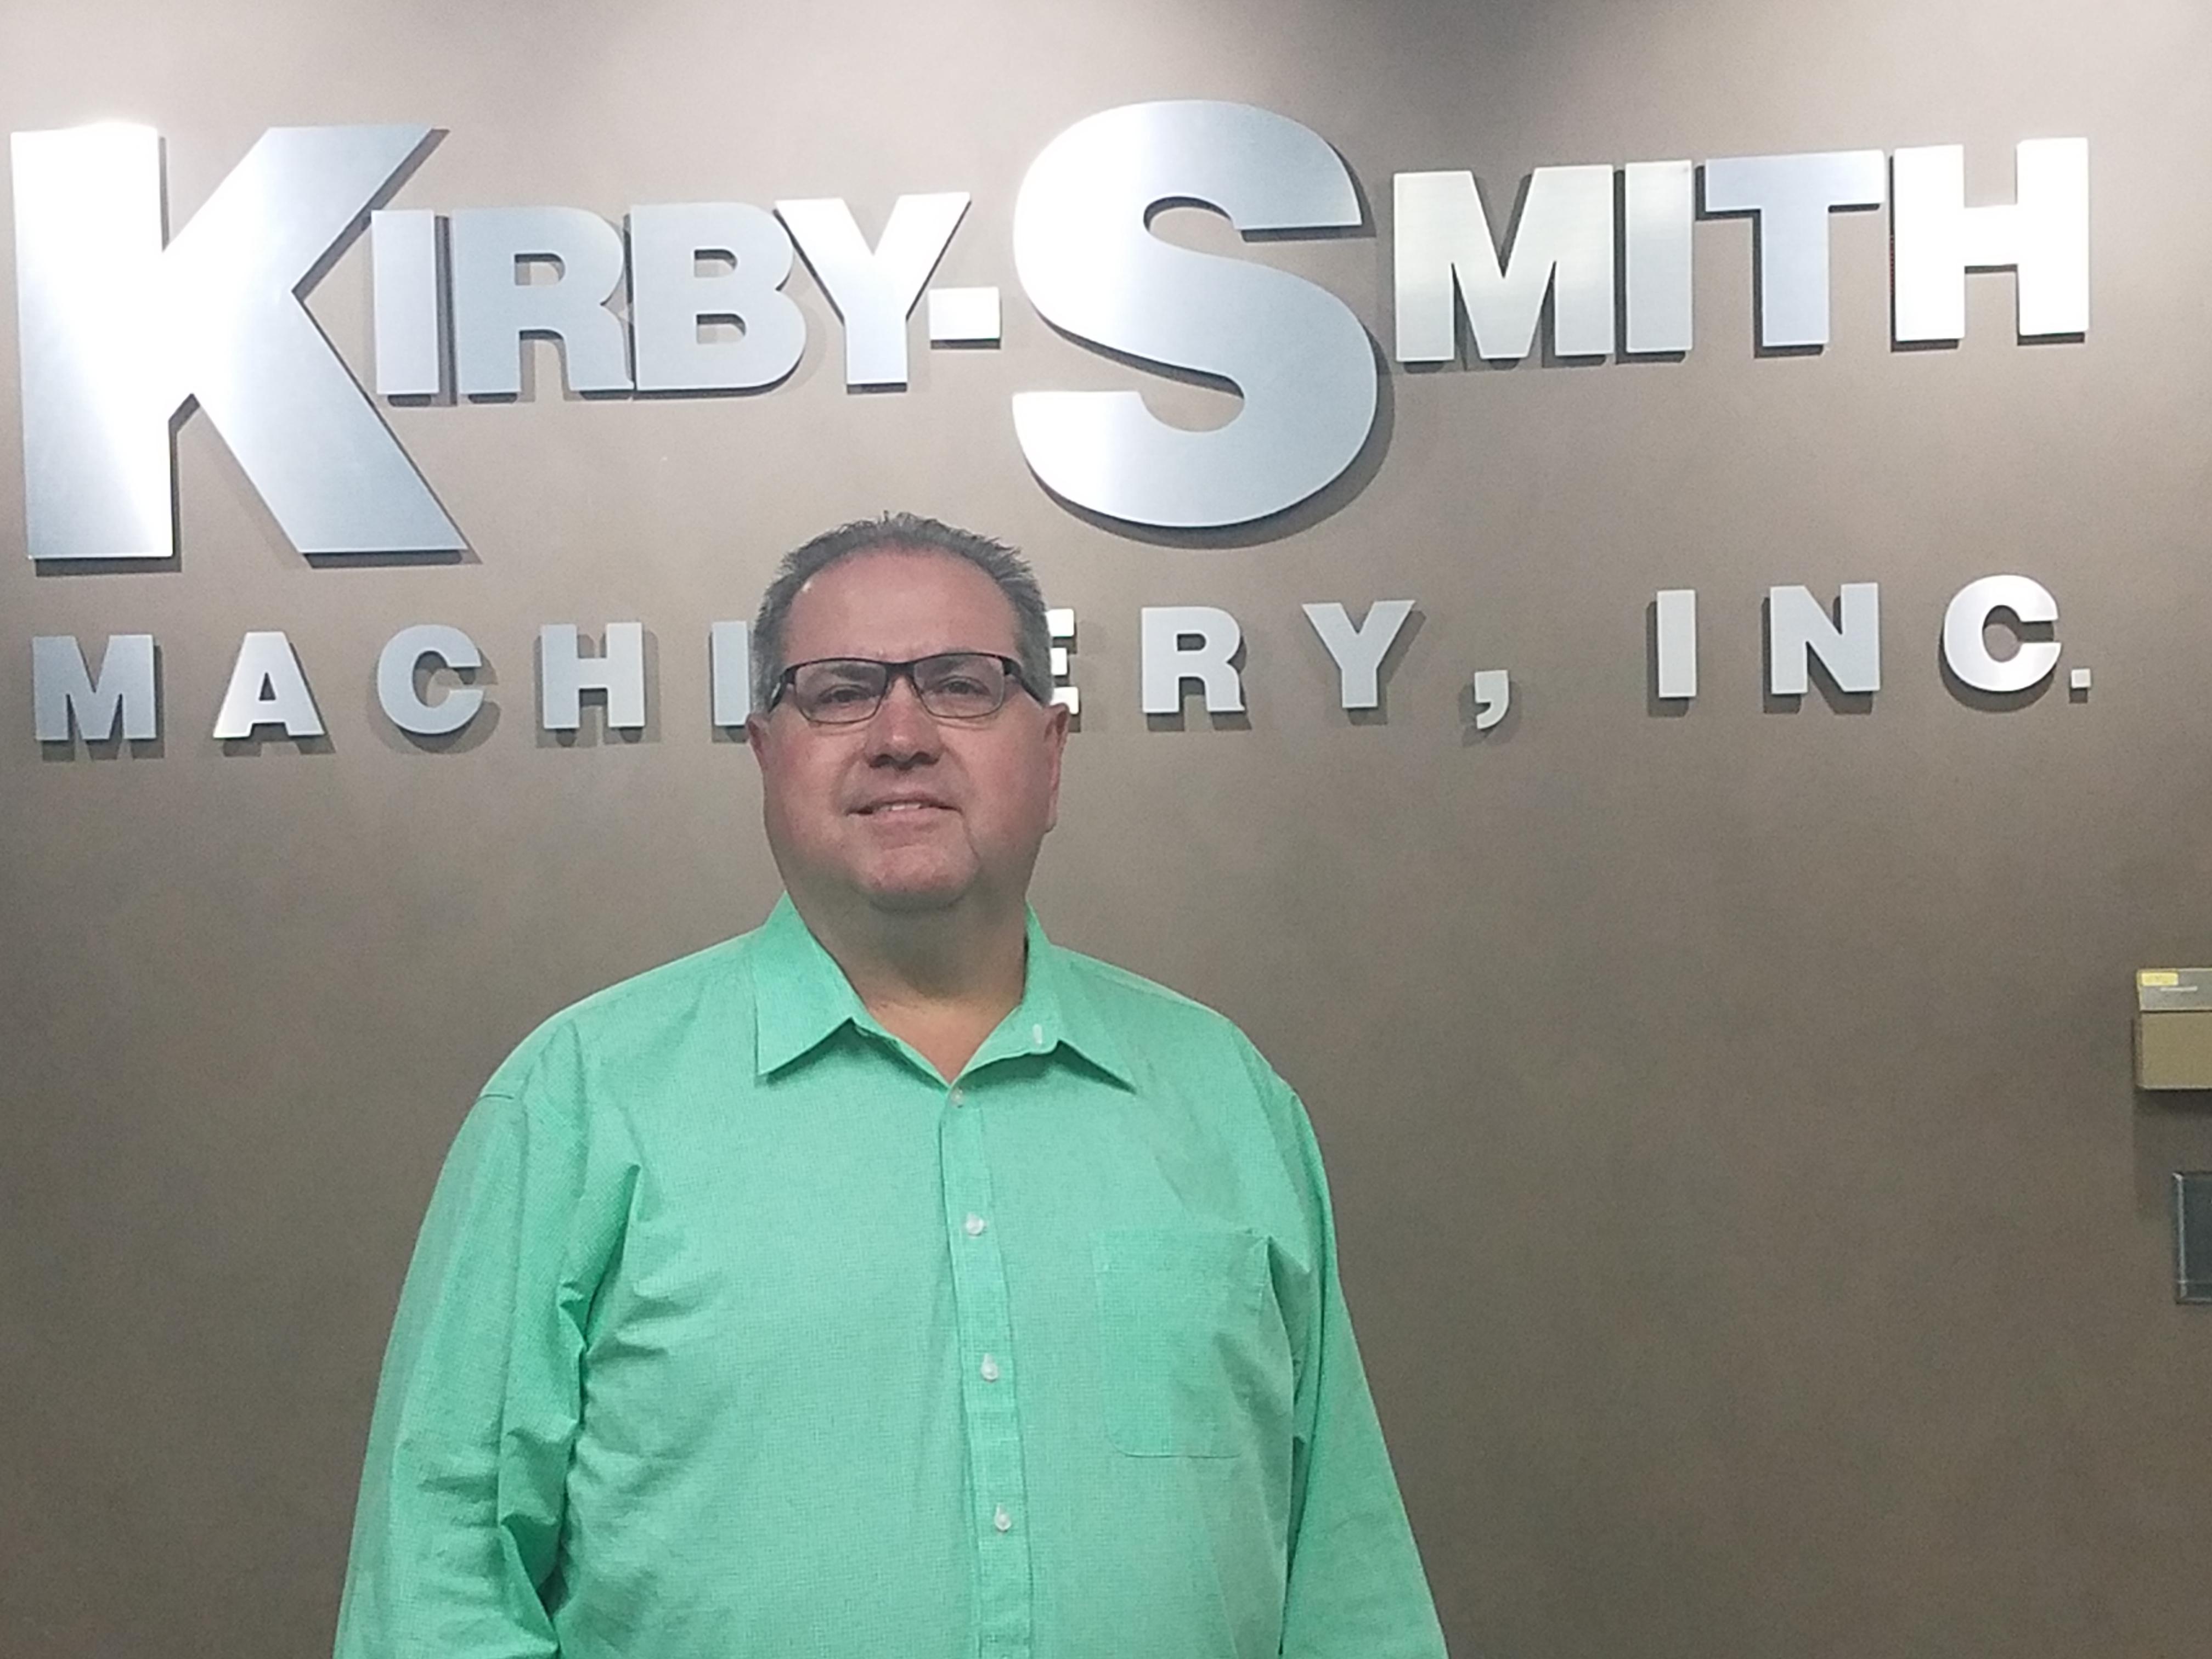 Kirby smith machinery okc